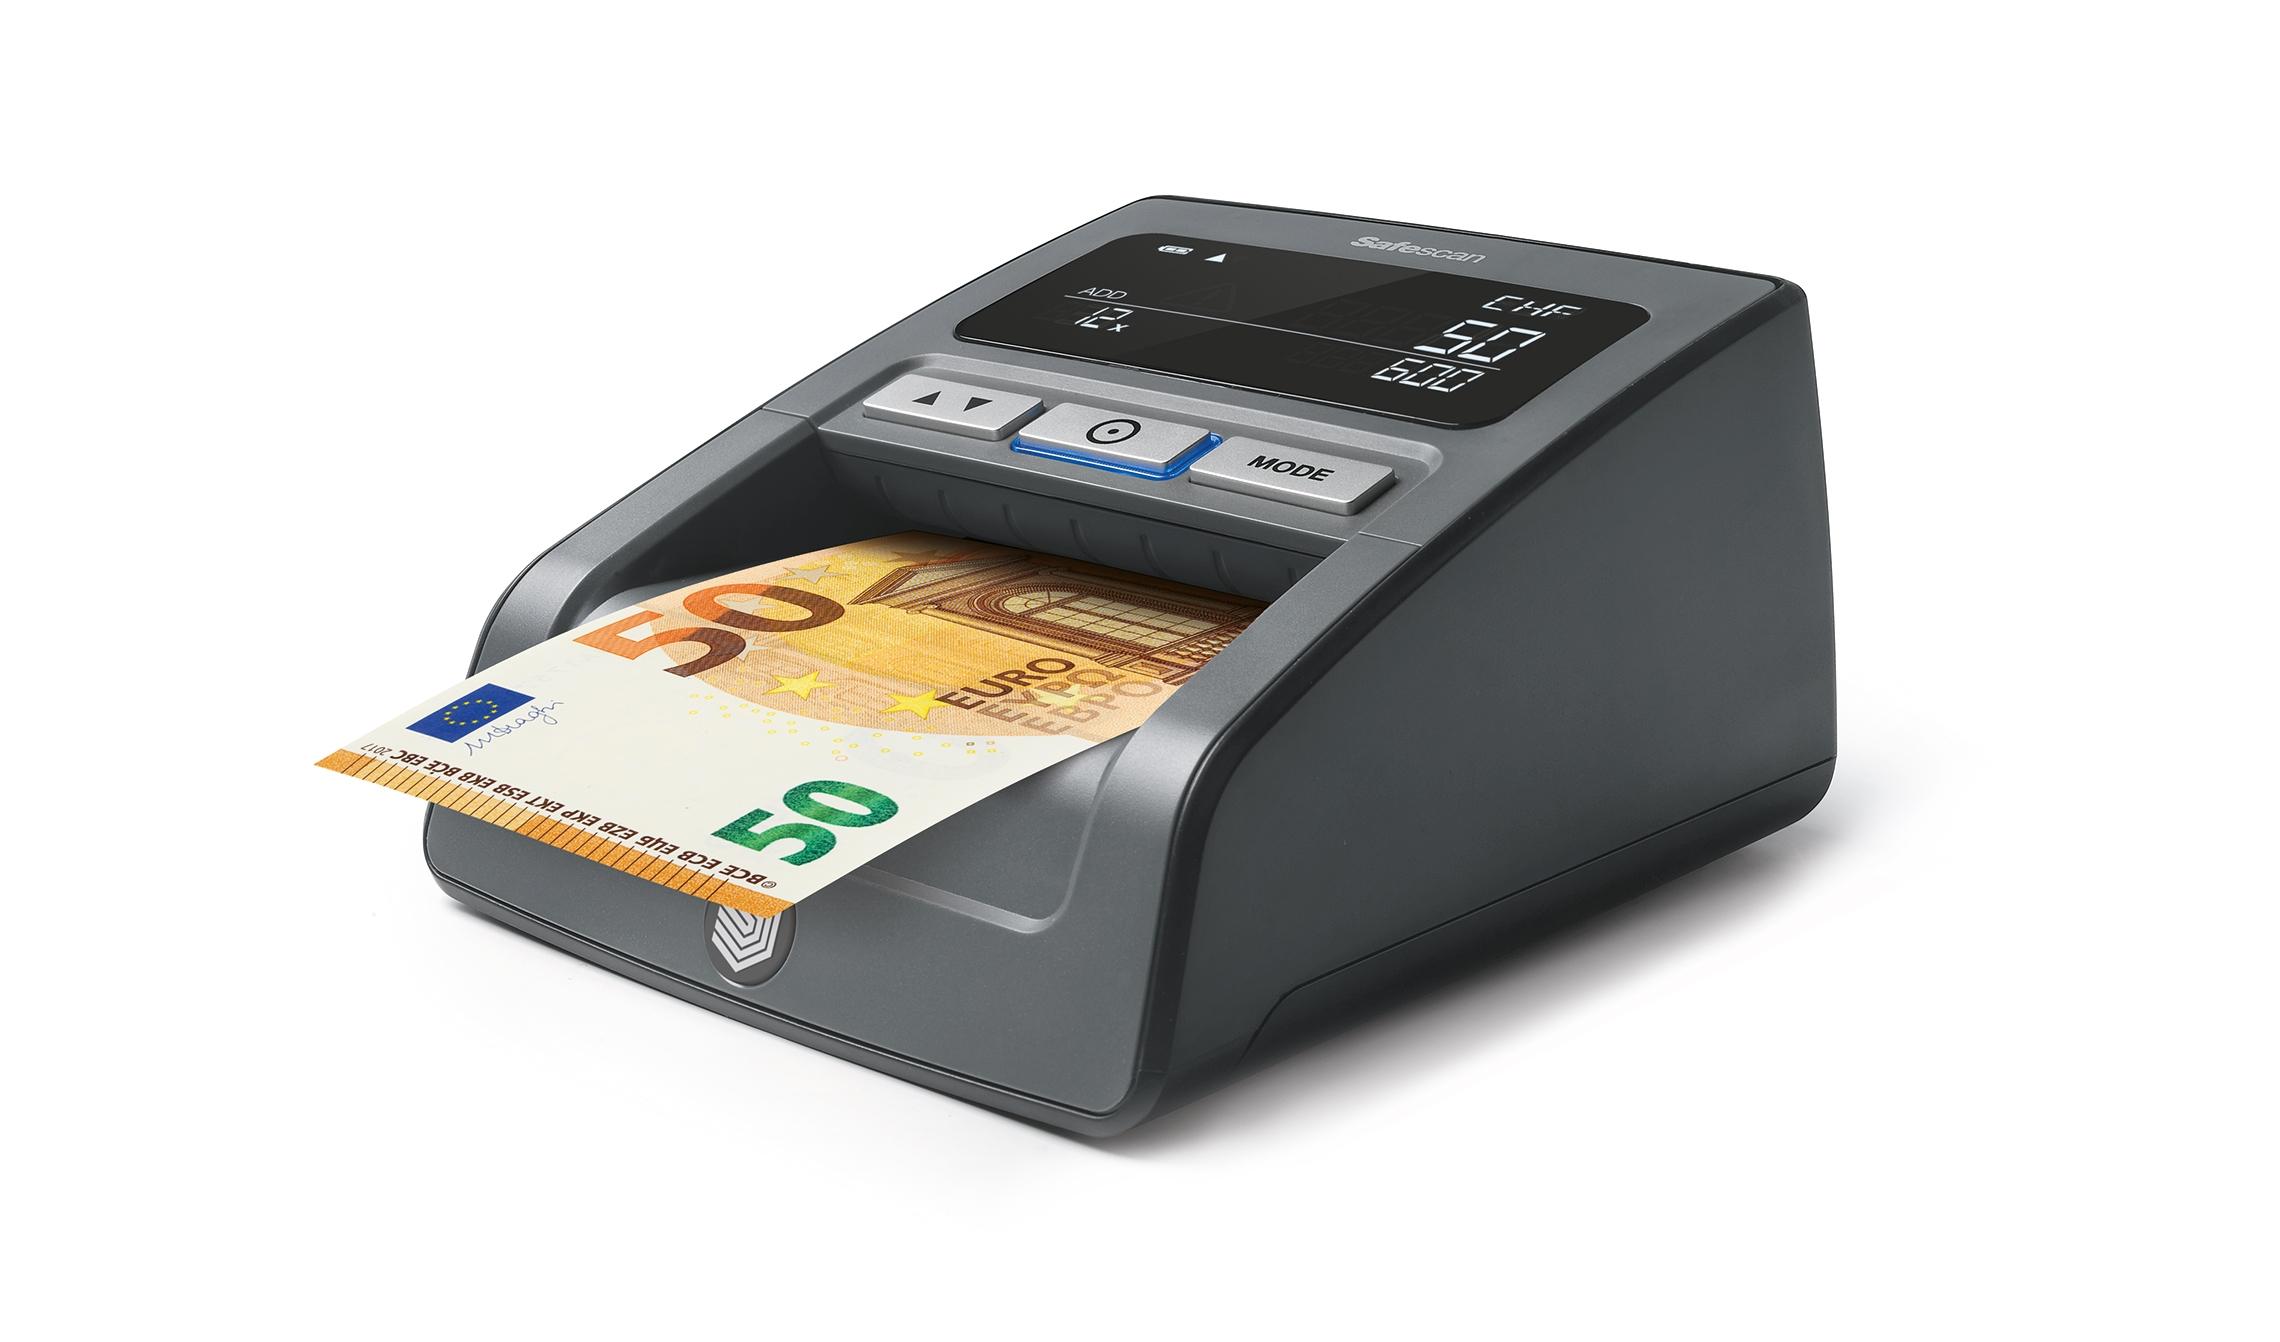 safescan-155-s-schwarz-falschgeld-detektor